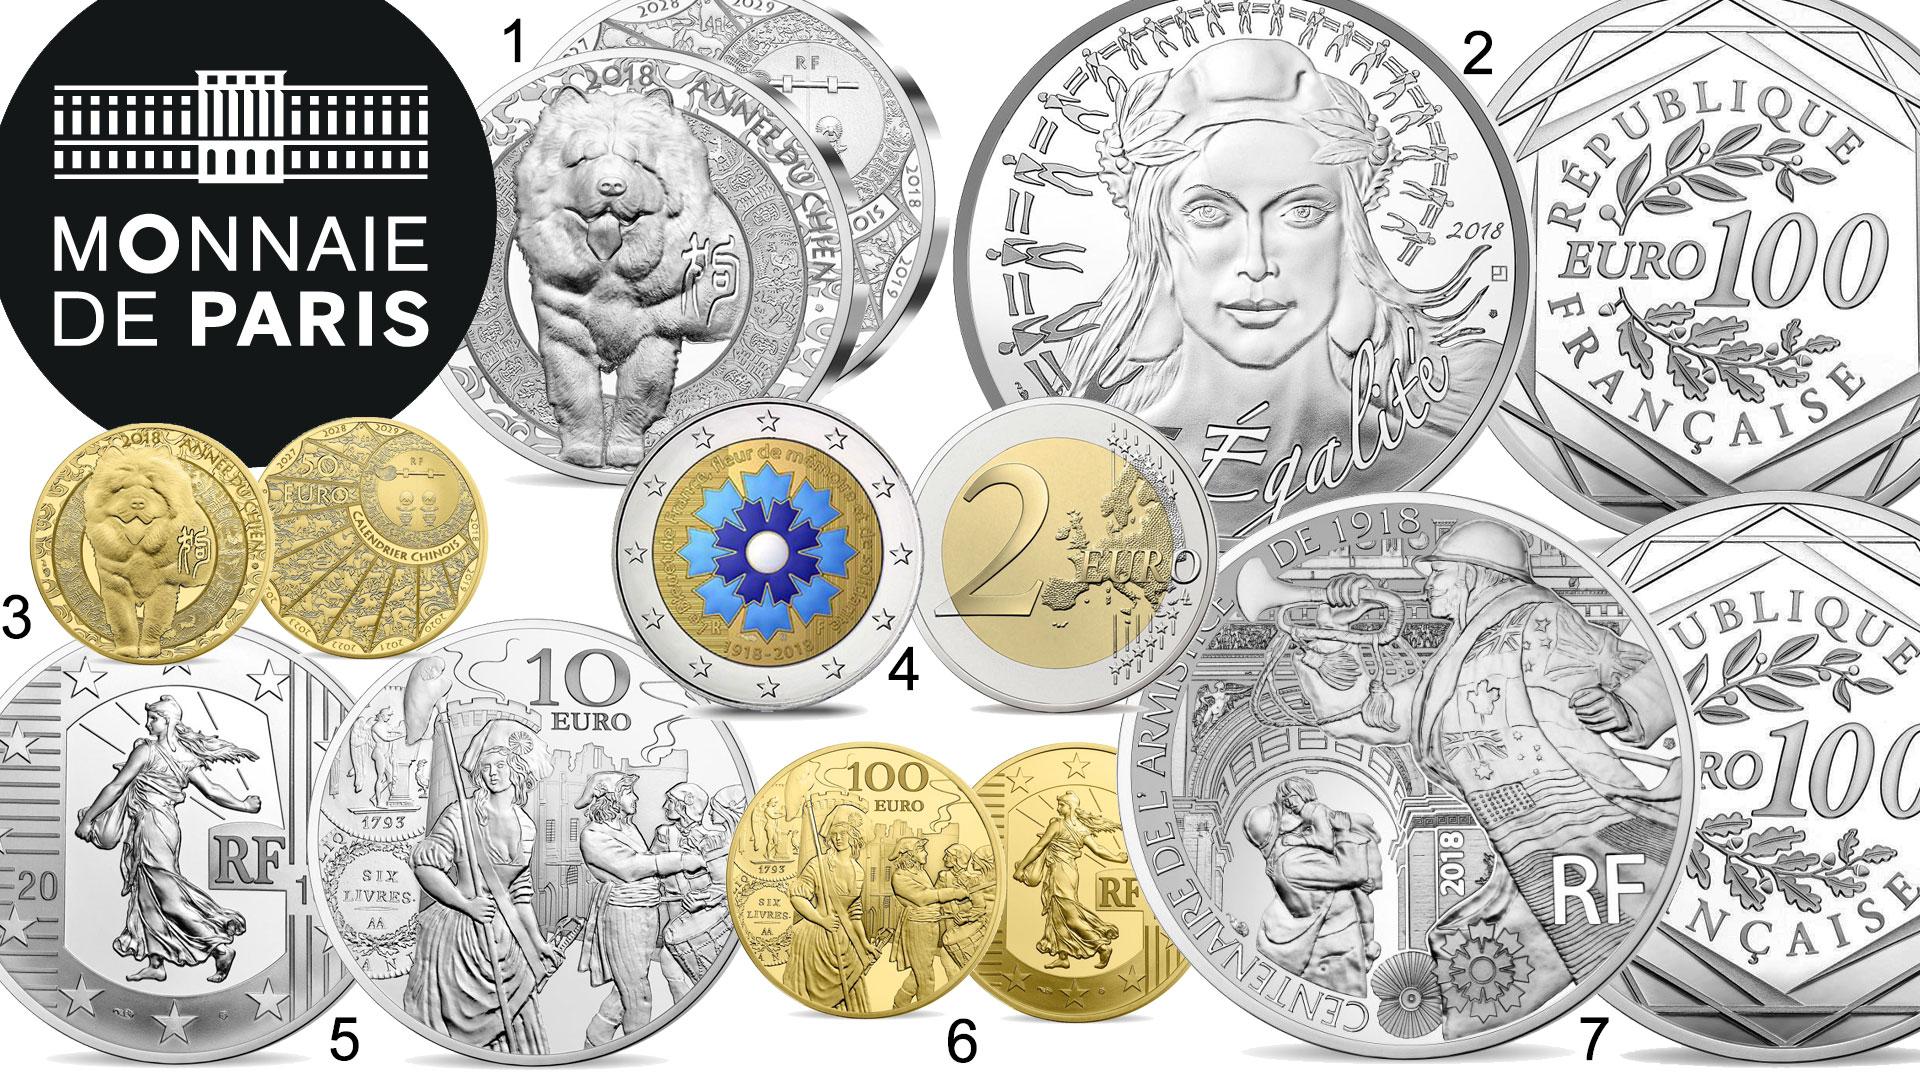 Quelques nouvelles pièces de collection de Monnaie de Paris pour l'année 2018